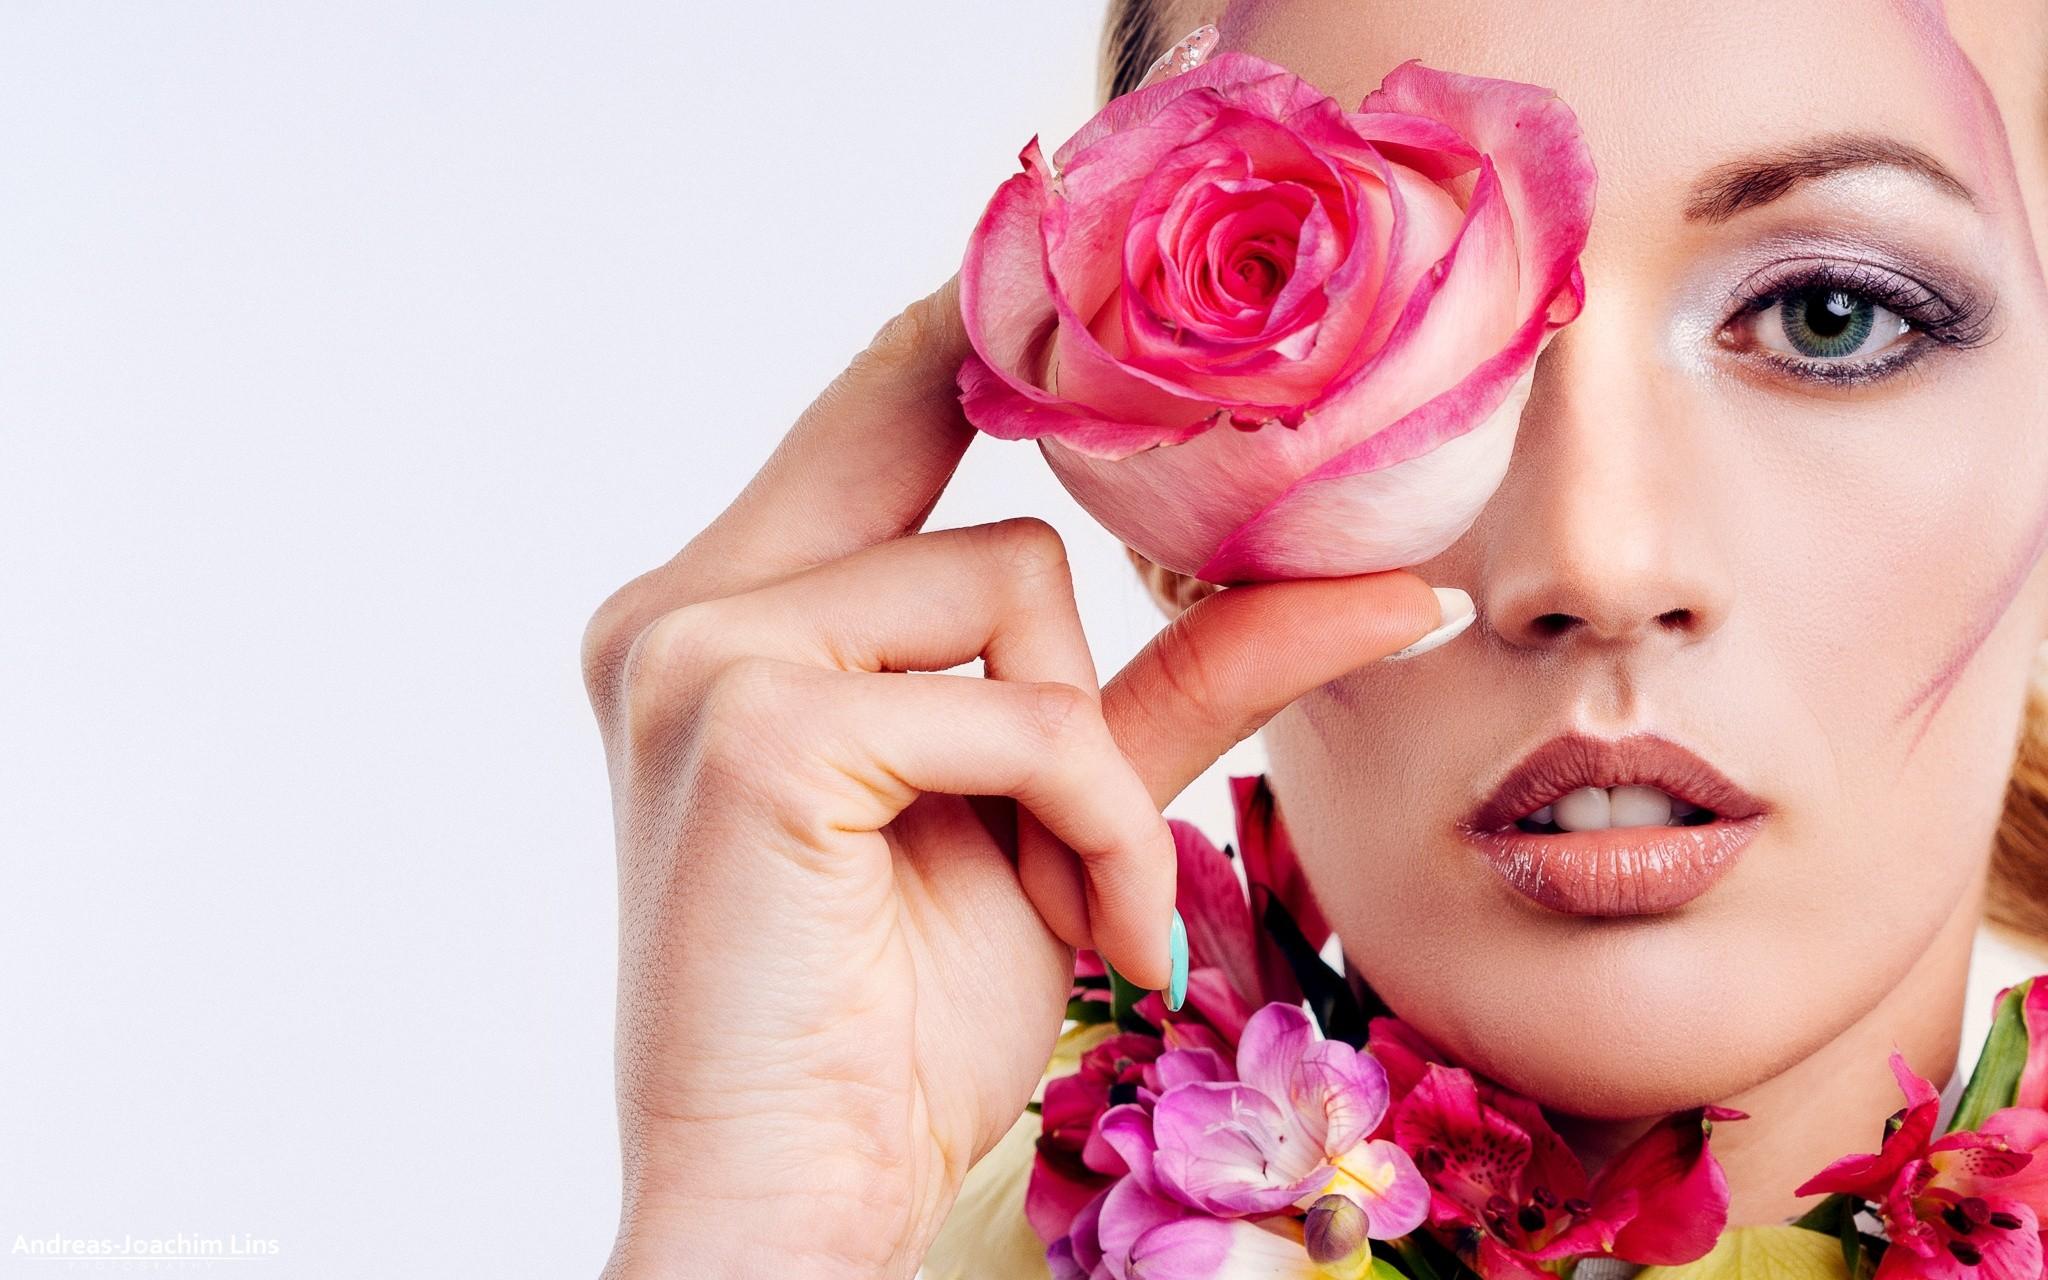 Девушка и розы картинки, прайс открытка для